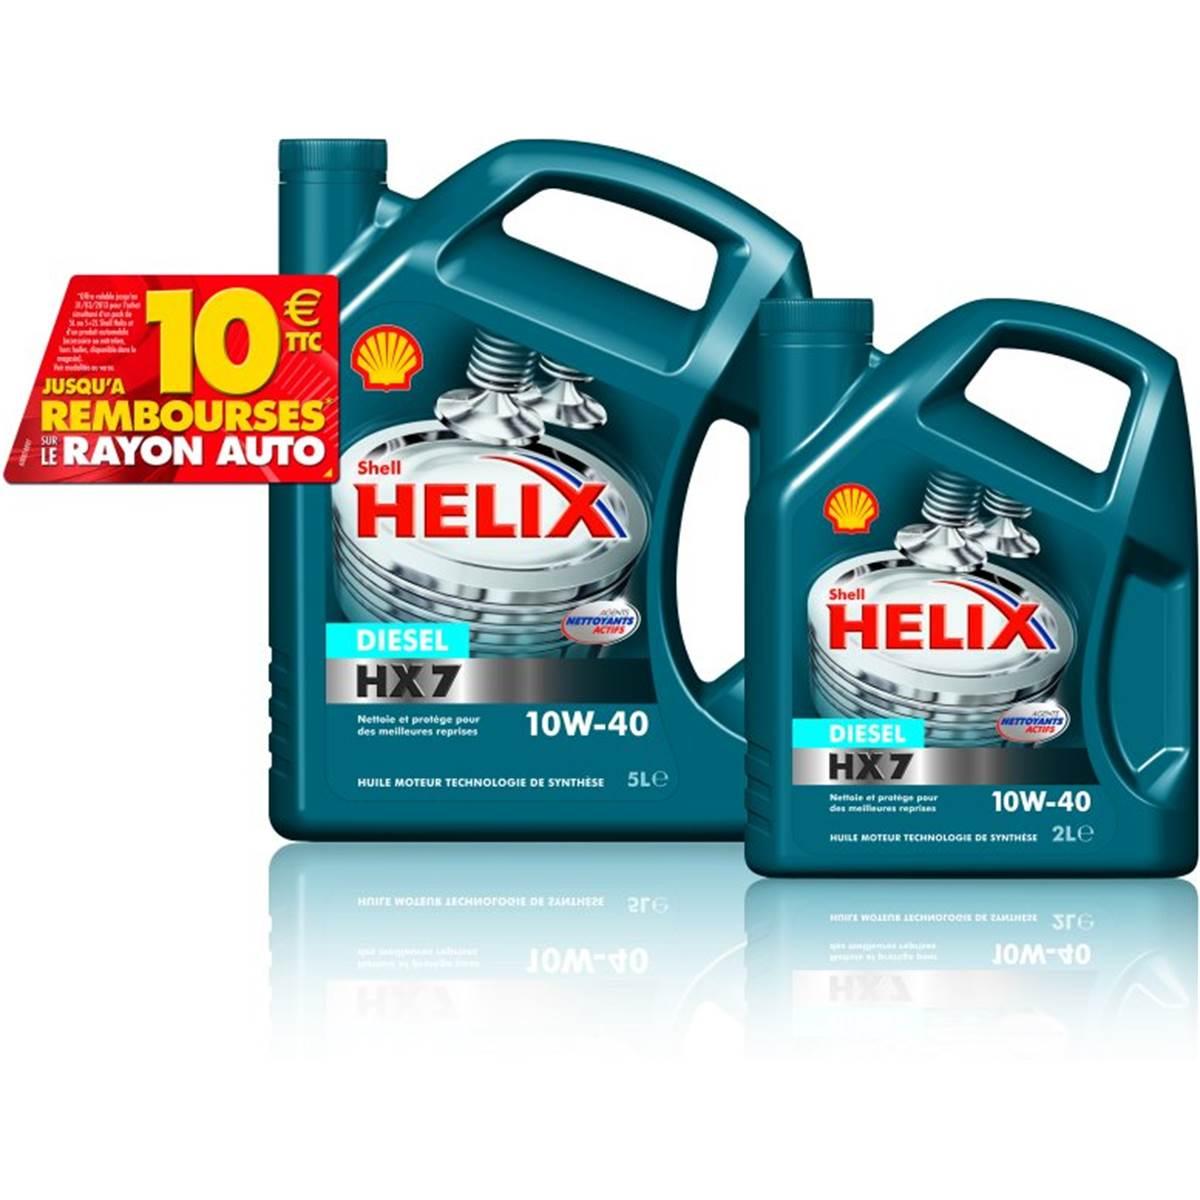 SHELLE HELIX HX7 D 10W40 5L+2L+ ODR 8 EUROS